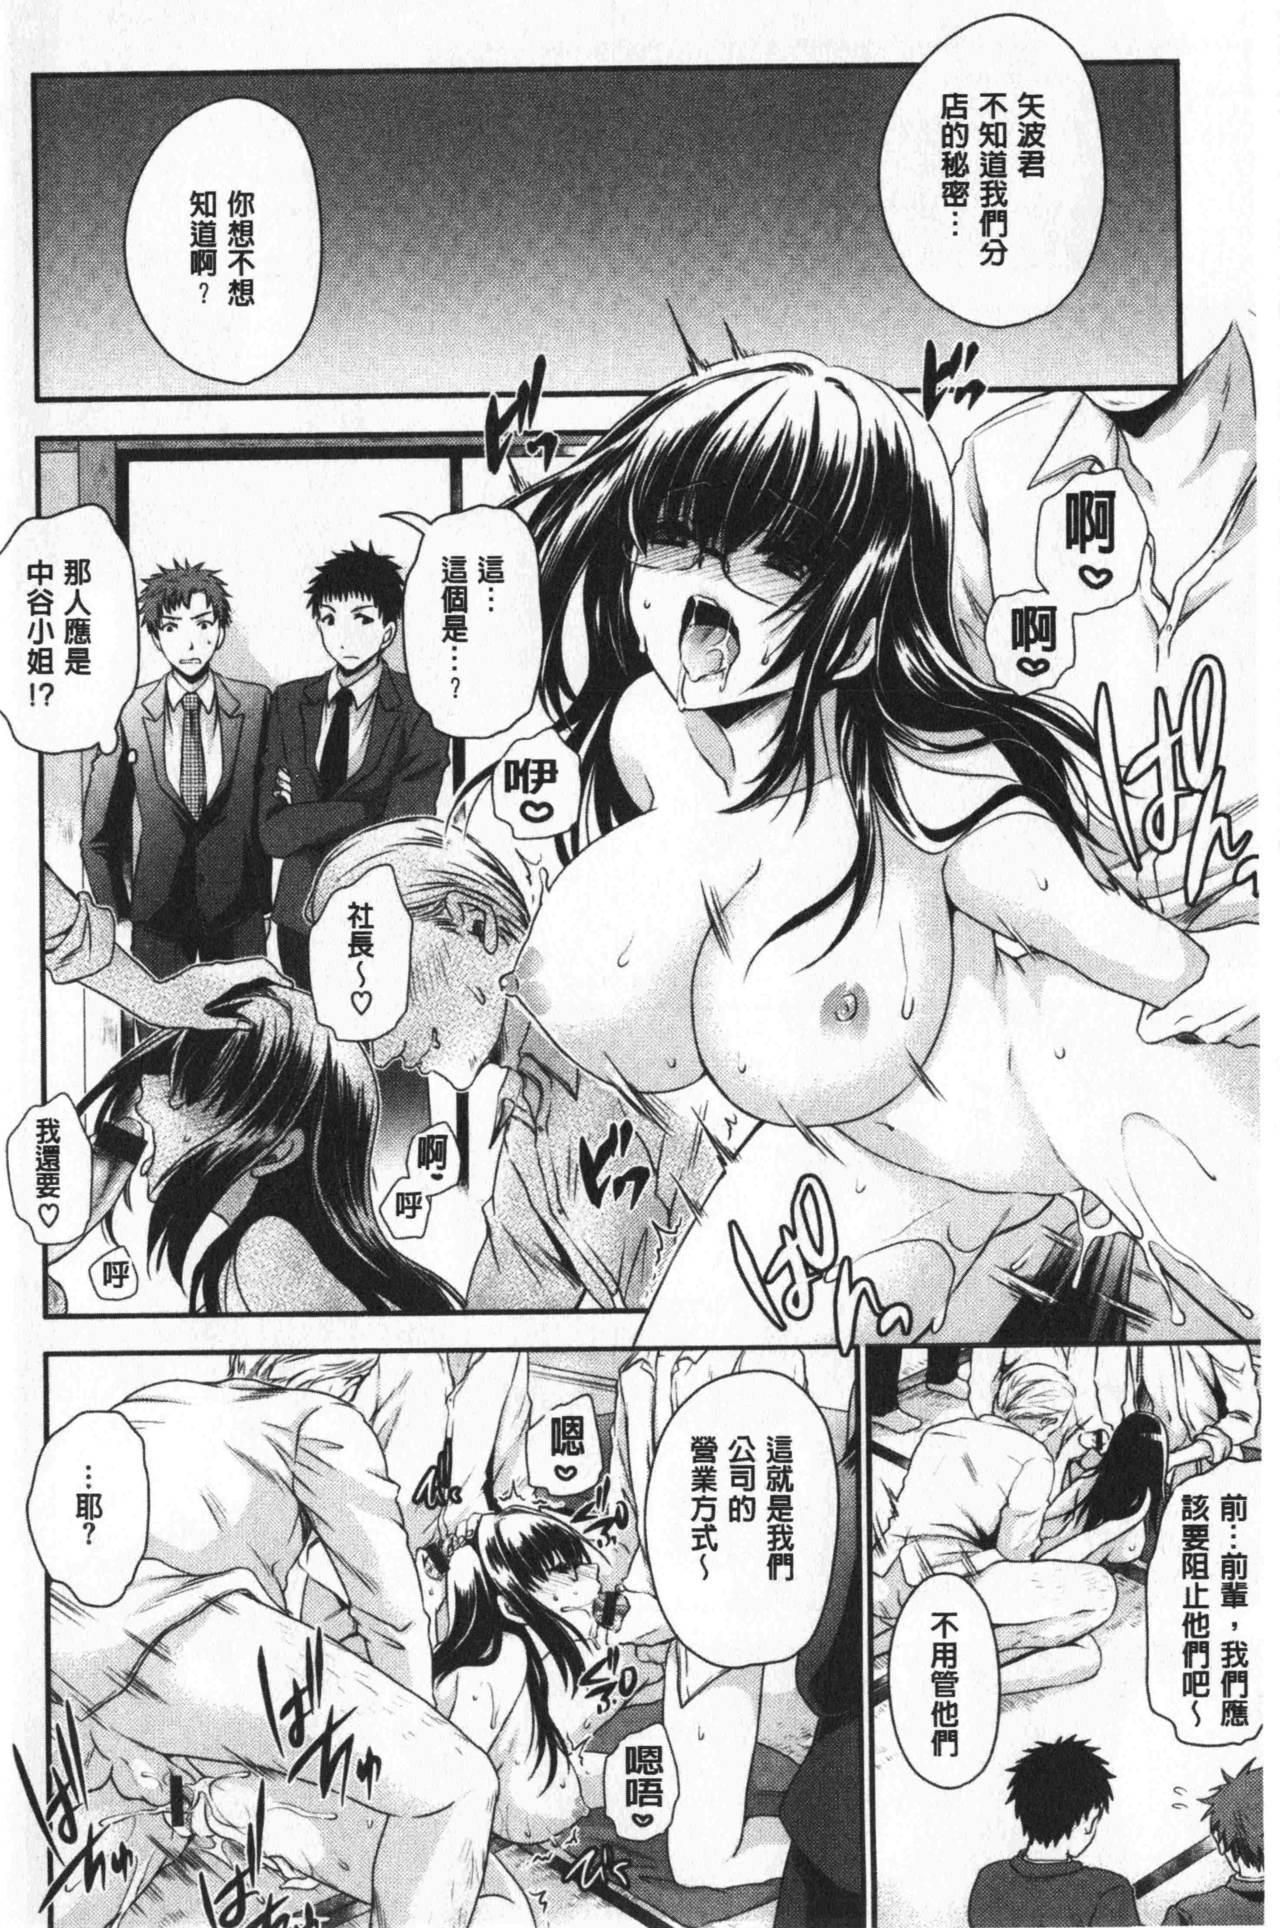 Doku Aru Hana no Amai Mitsu   毒淫花的甘甜蜜 9